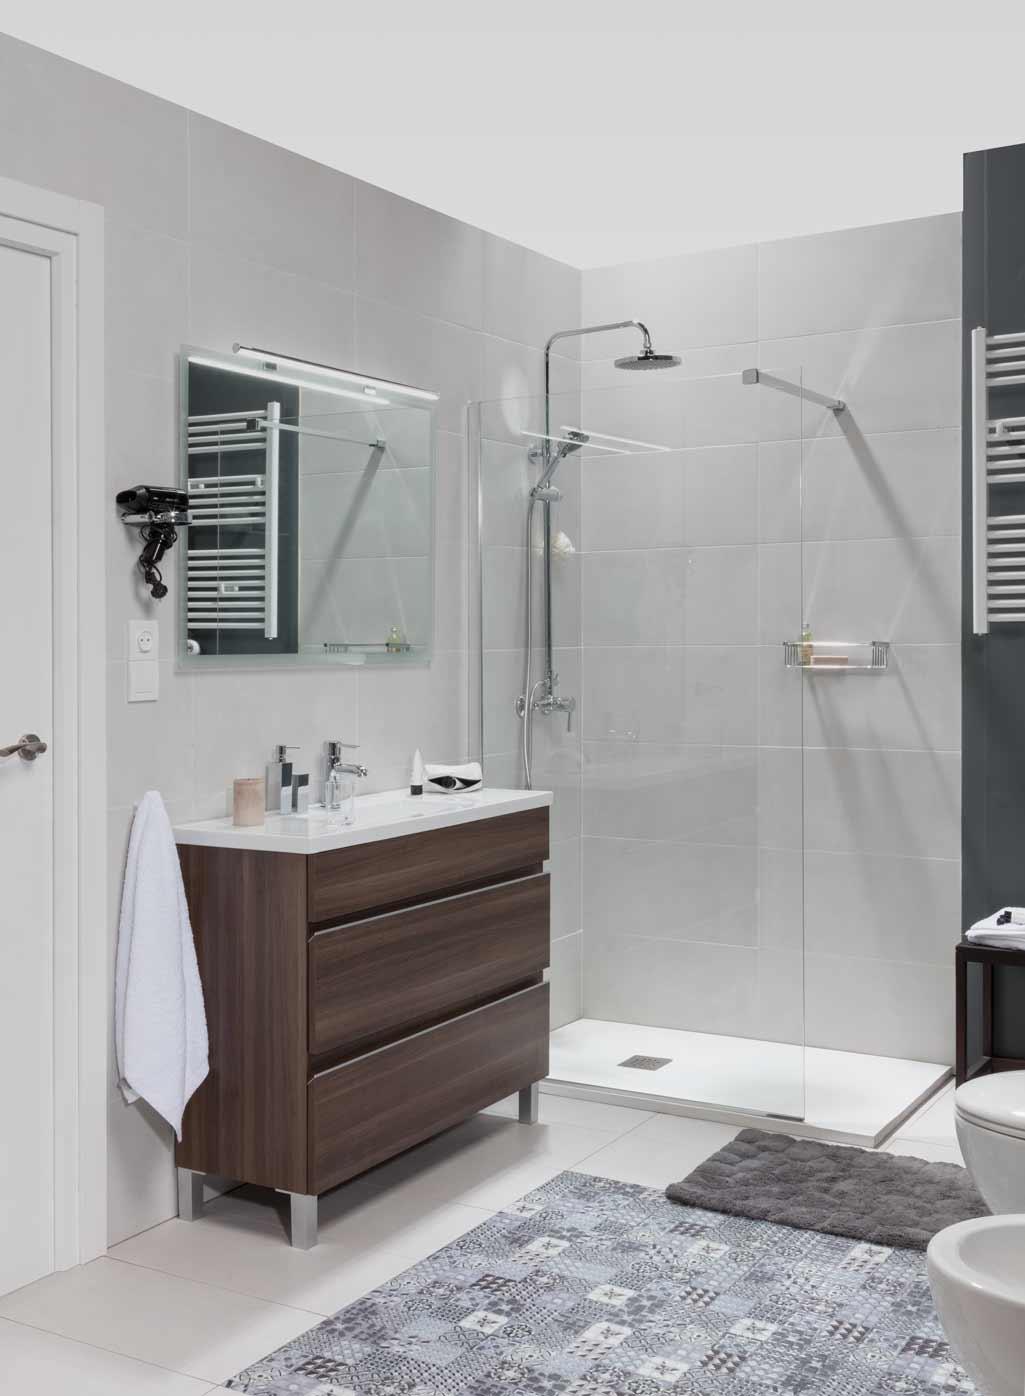 Baños Minimalistas Color Chocolate:Dos estilos de baño diferentes pero que buscan el mismo objetivo: que